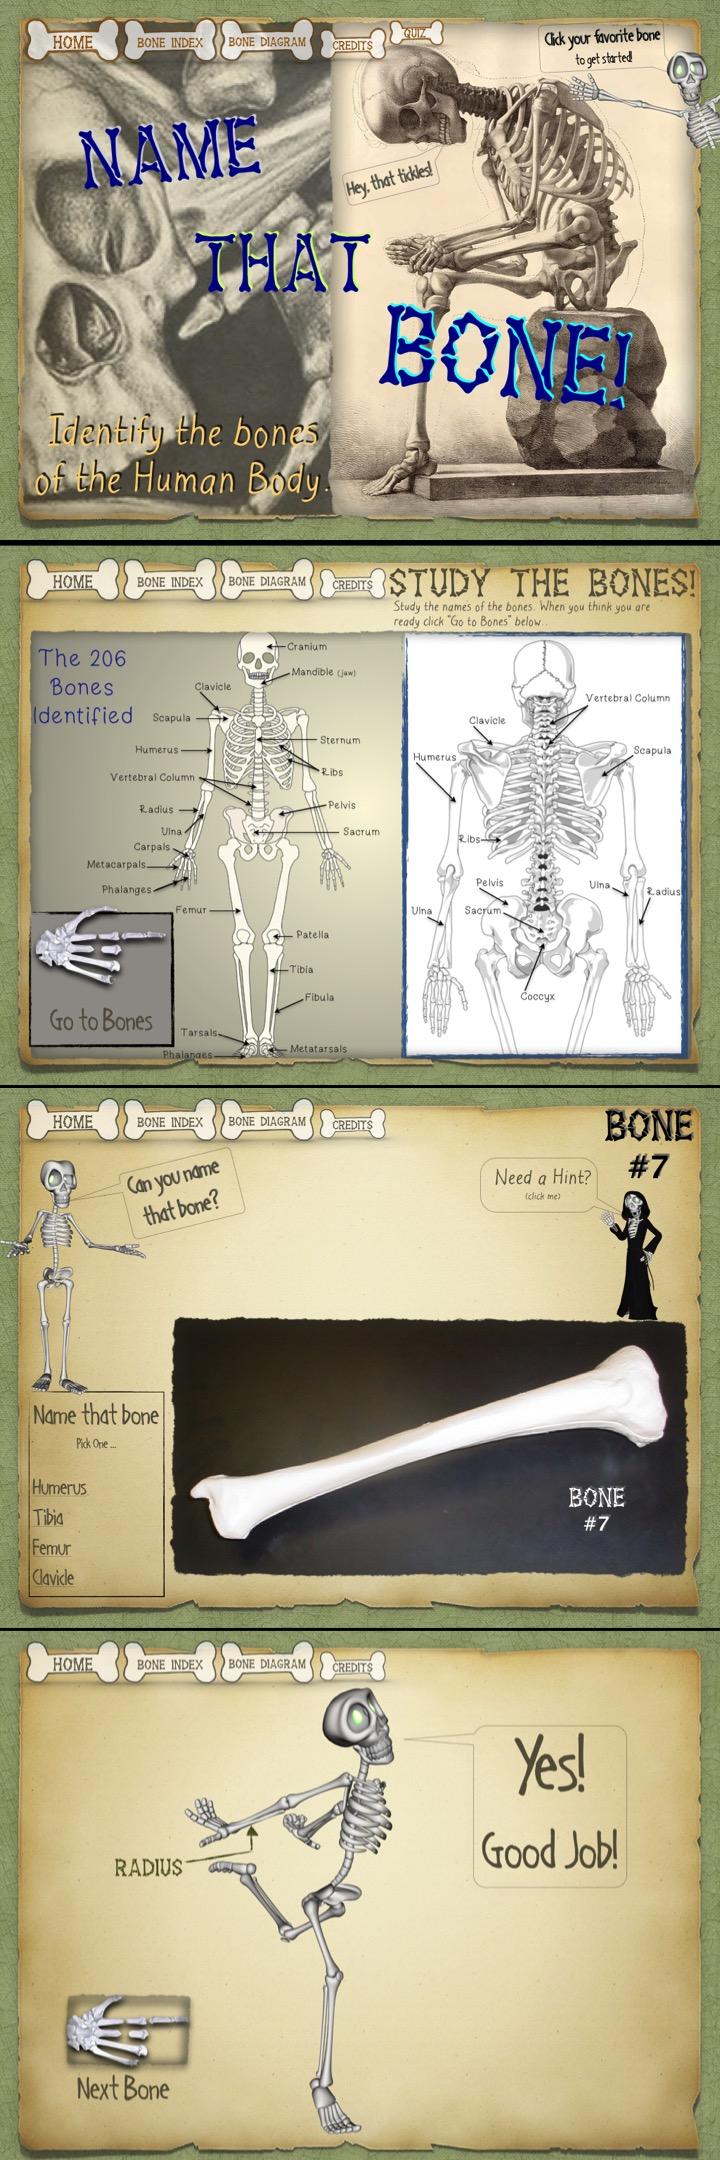 skeletal system name that bone tutorial tpt science lessons skeletal system skeleton. Black Bedroom Furniture Sets. Home Design Ideas